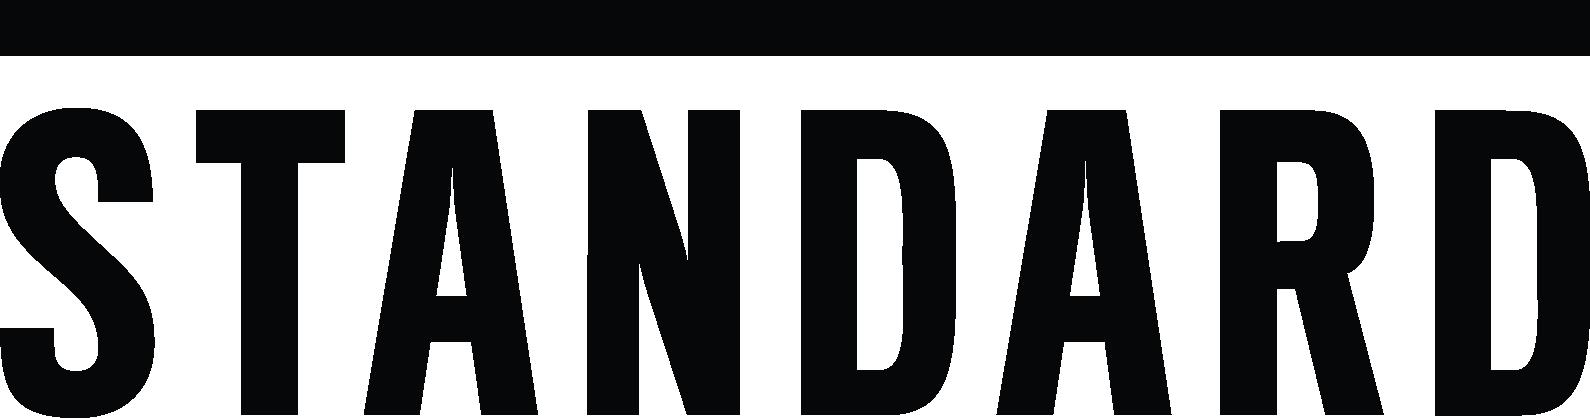 Standard_Logotype_Black.png